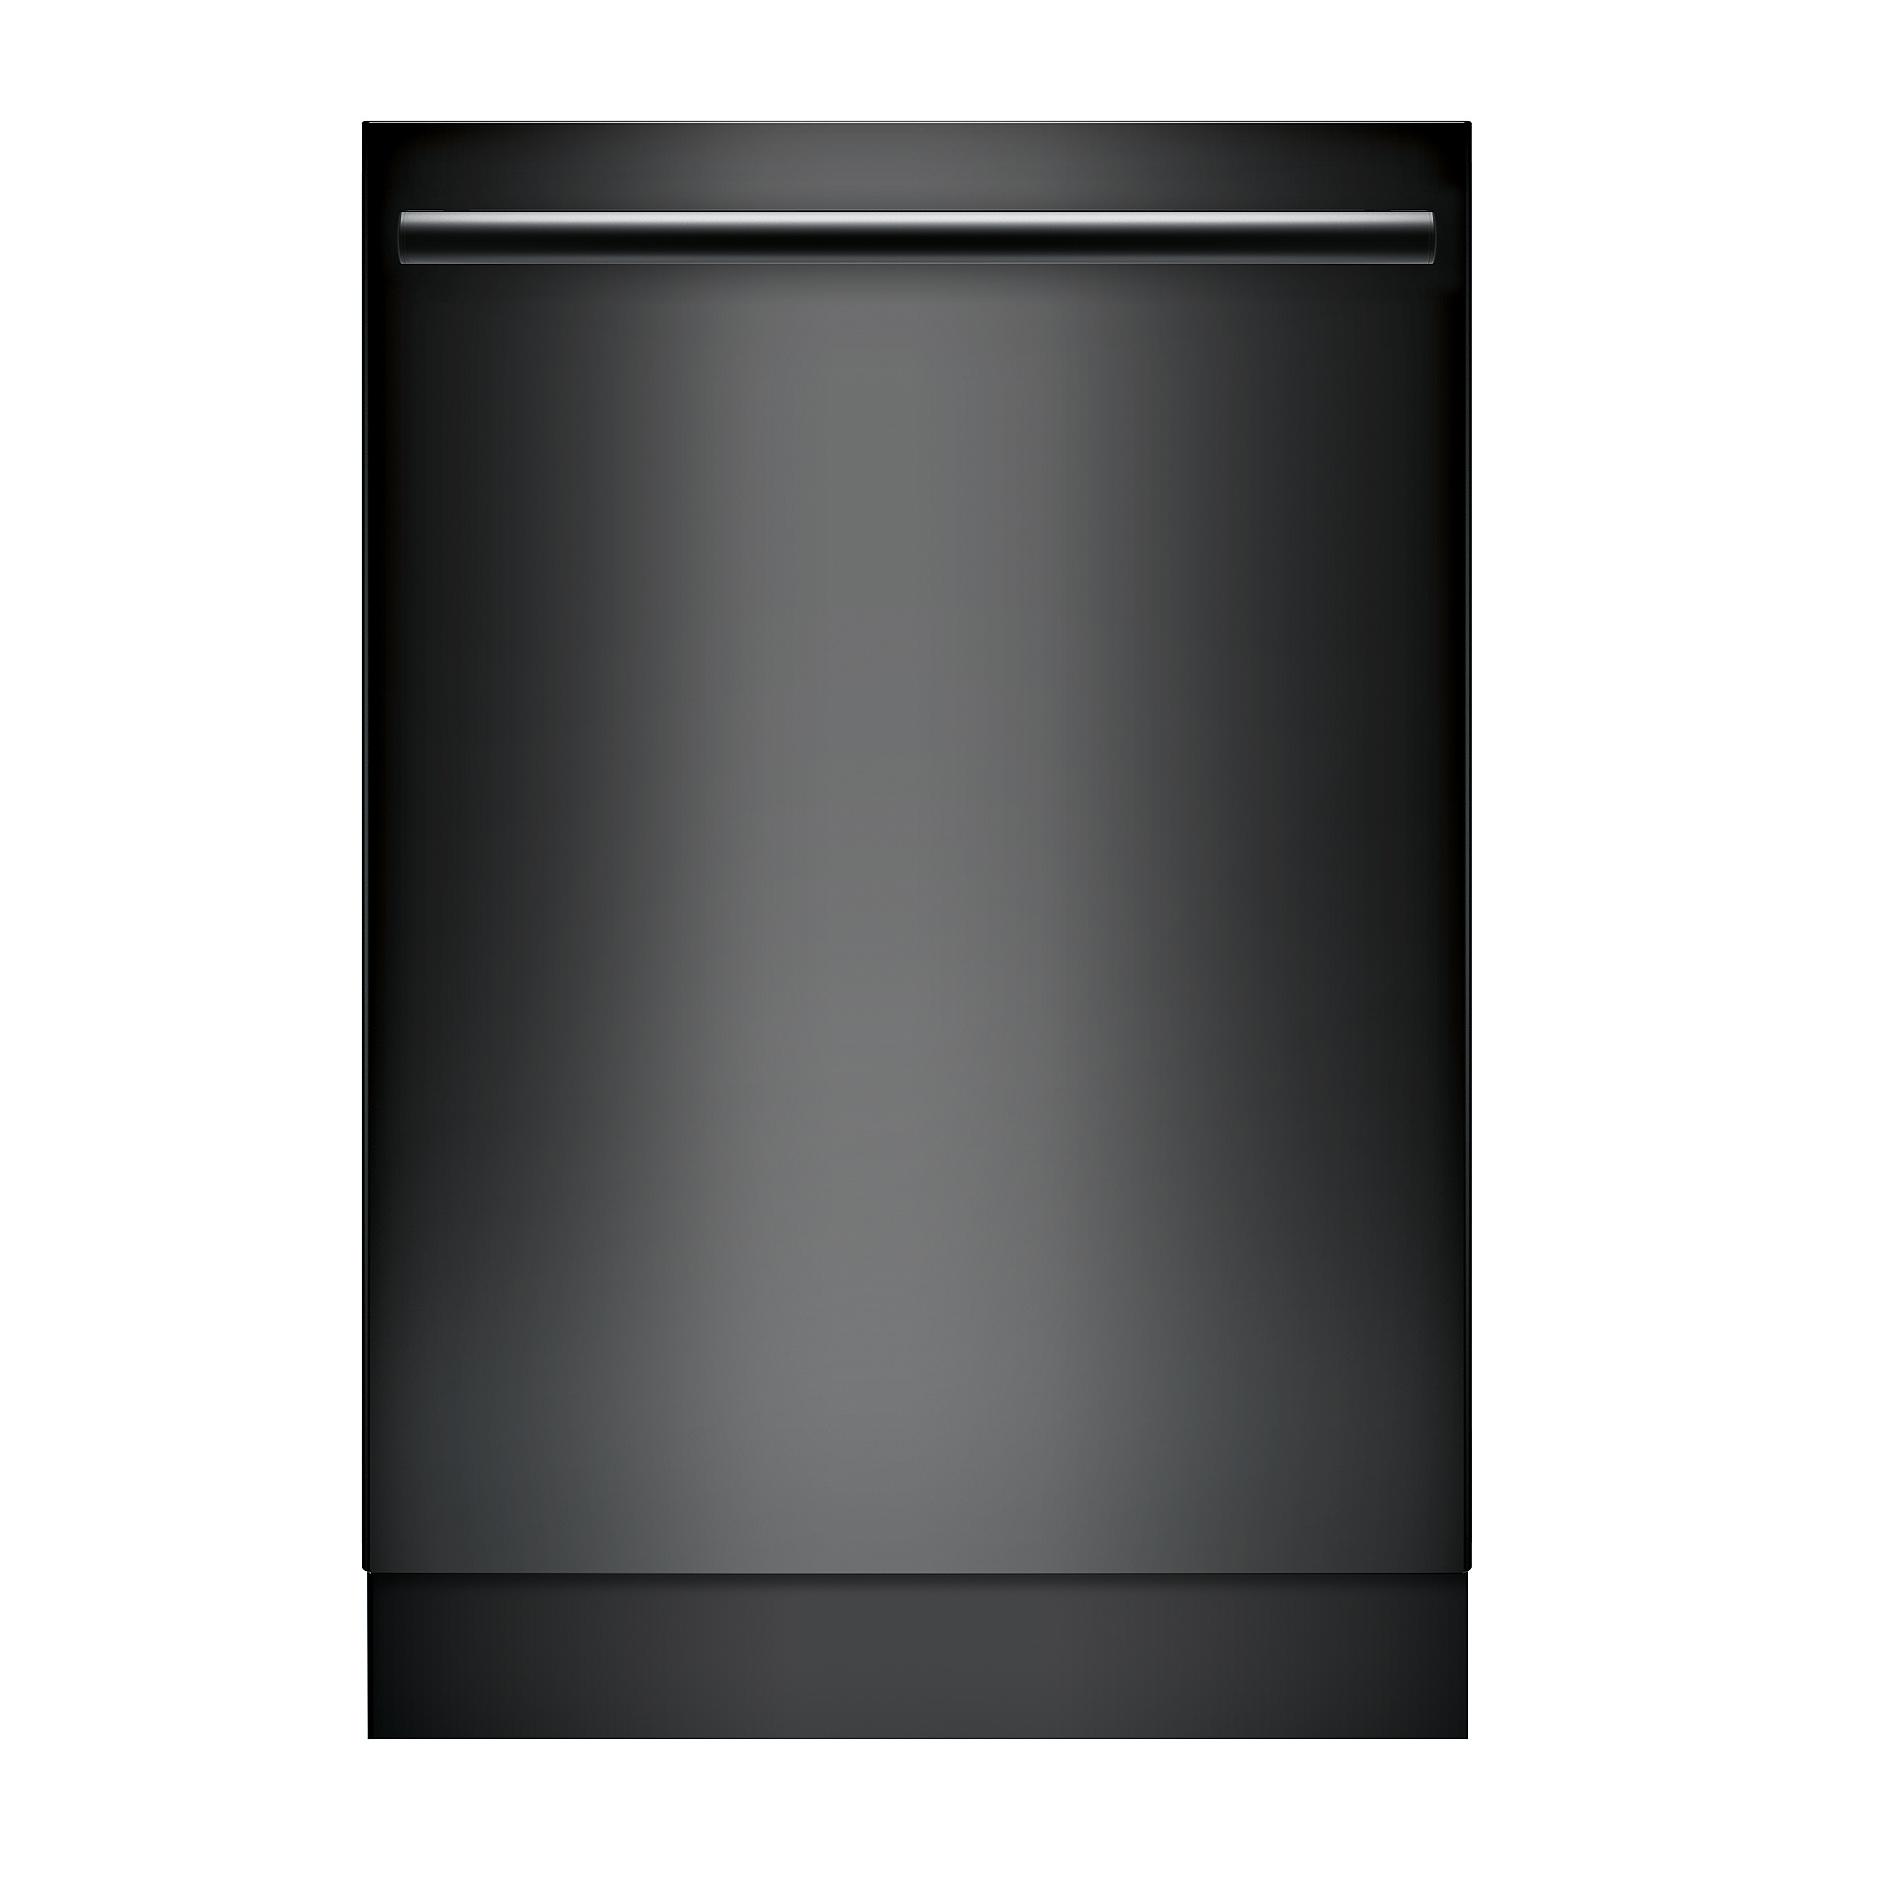 Bosch Shxm78w56n 24 800 Series Built In Dishwasher W Bar Handle Black